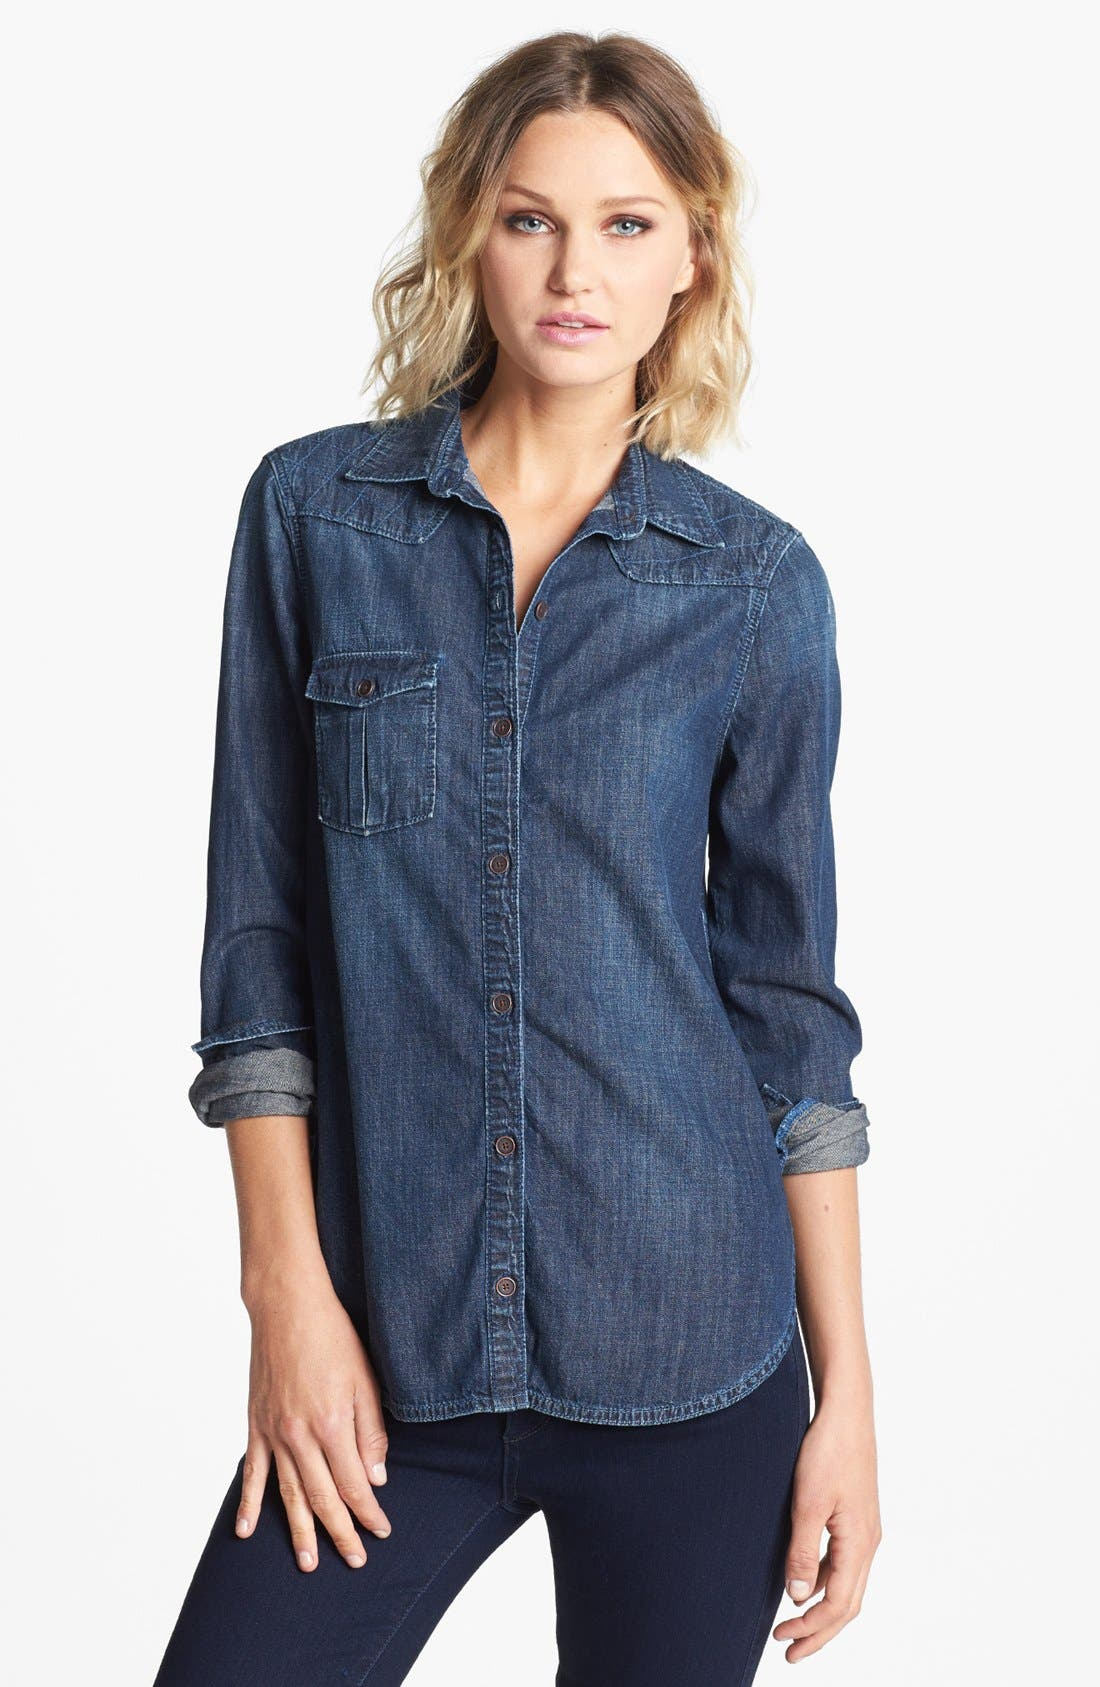 Alternate Image 1 Selected - Paige Denim 'Brooke' Stitched Yoke Denim Shirt